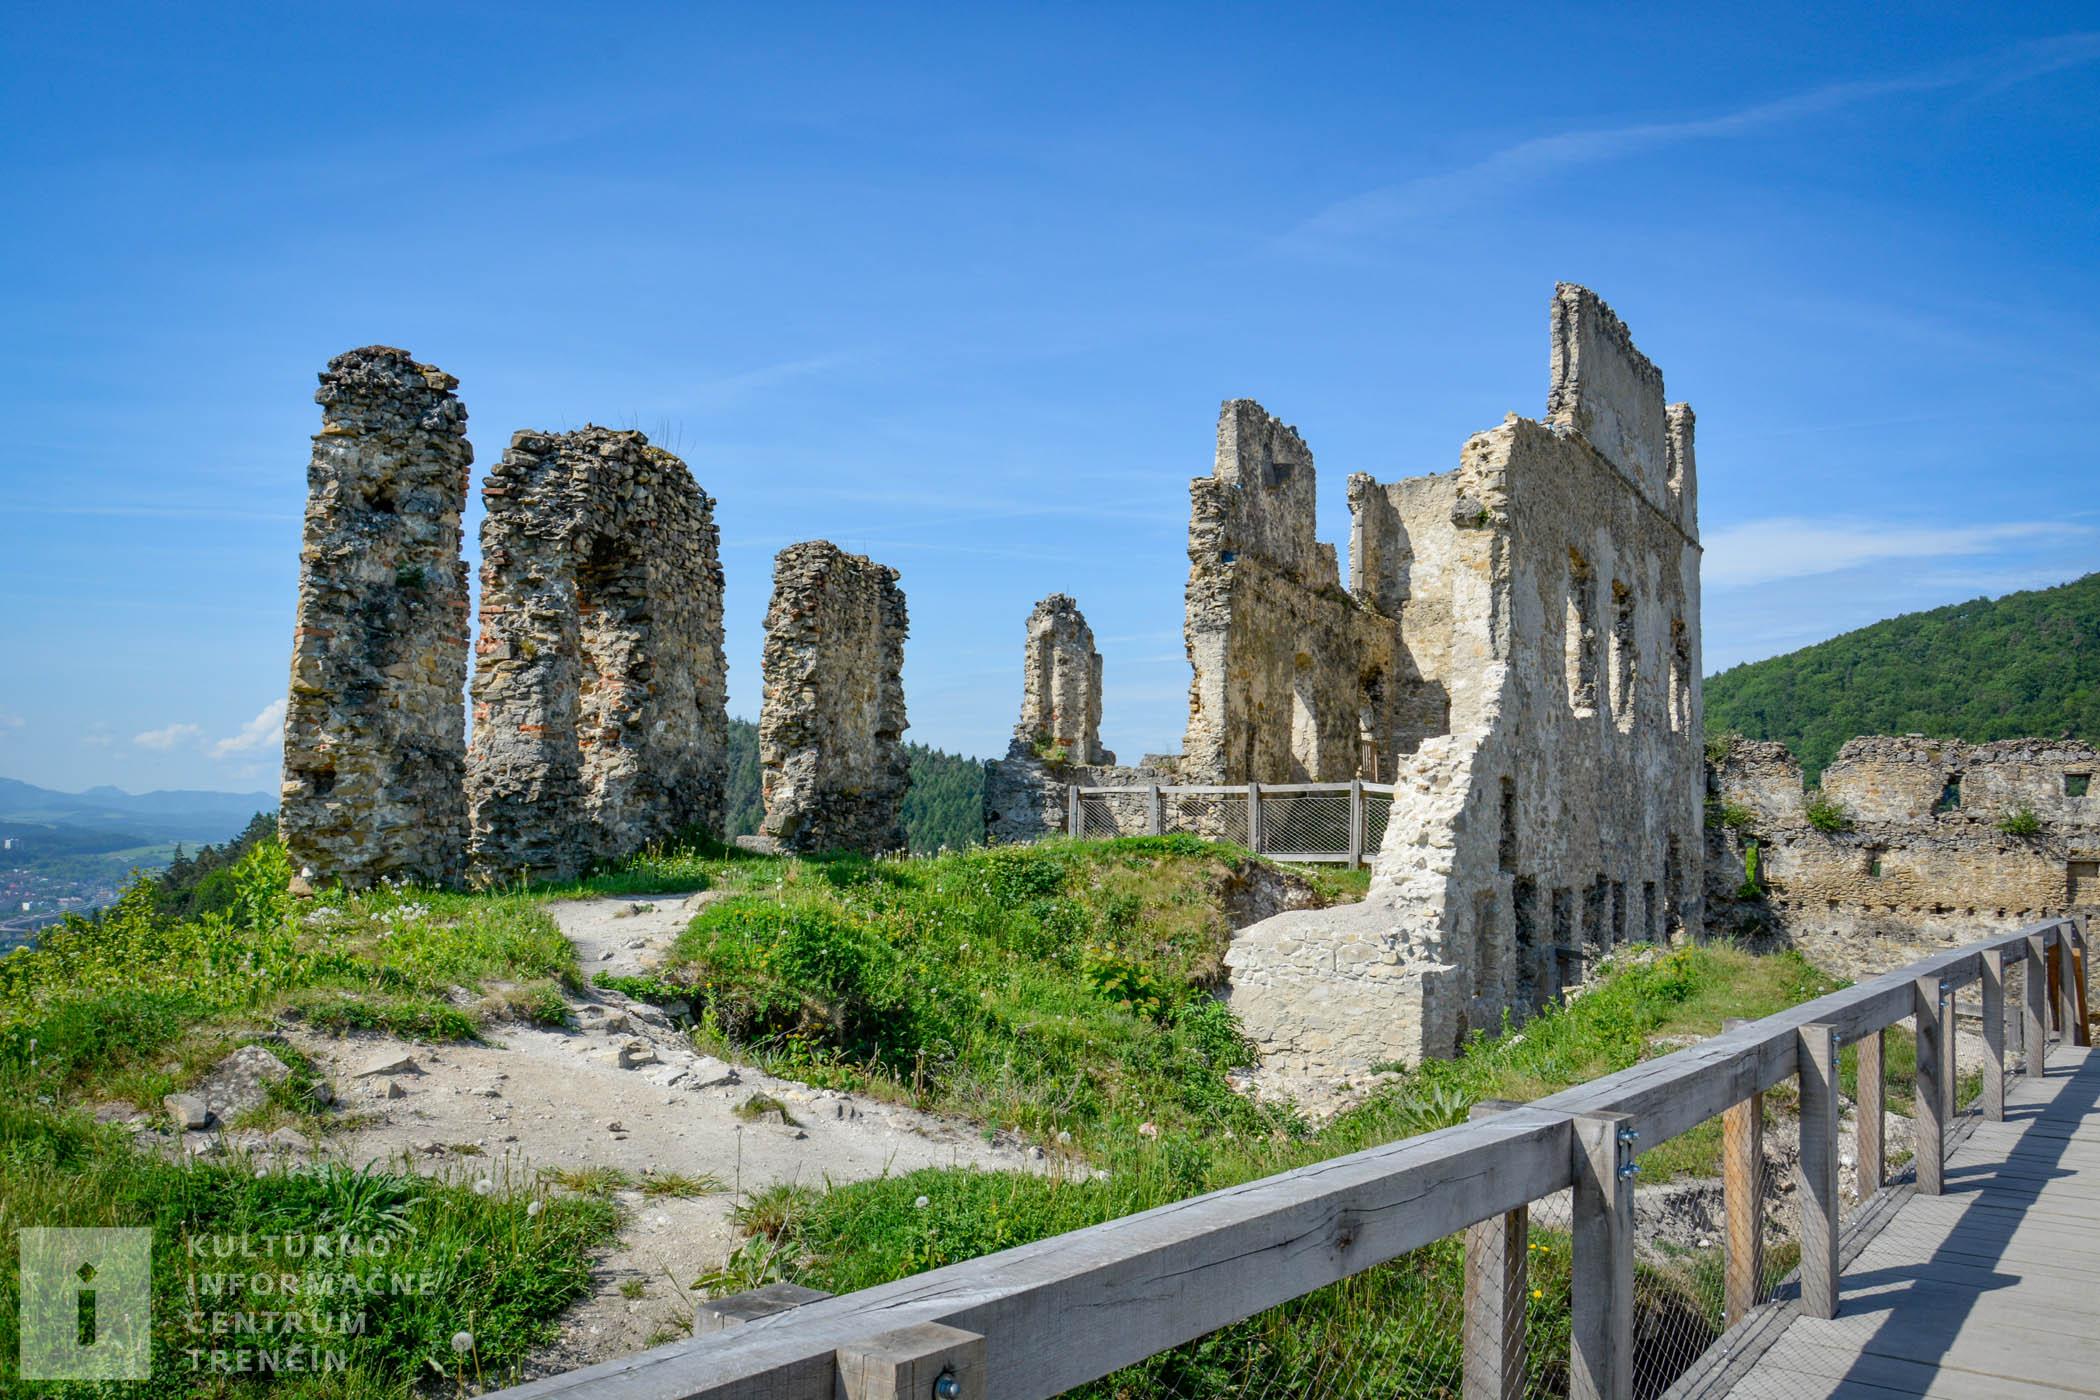 Podľa písomnej zmienky z roku 1316 bol prvým oficiálnym majiteľom hradu Matúš Čák Trenčiansky.